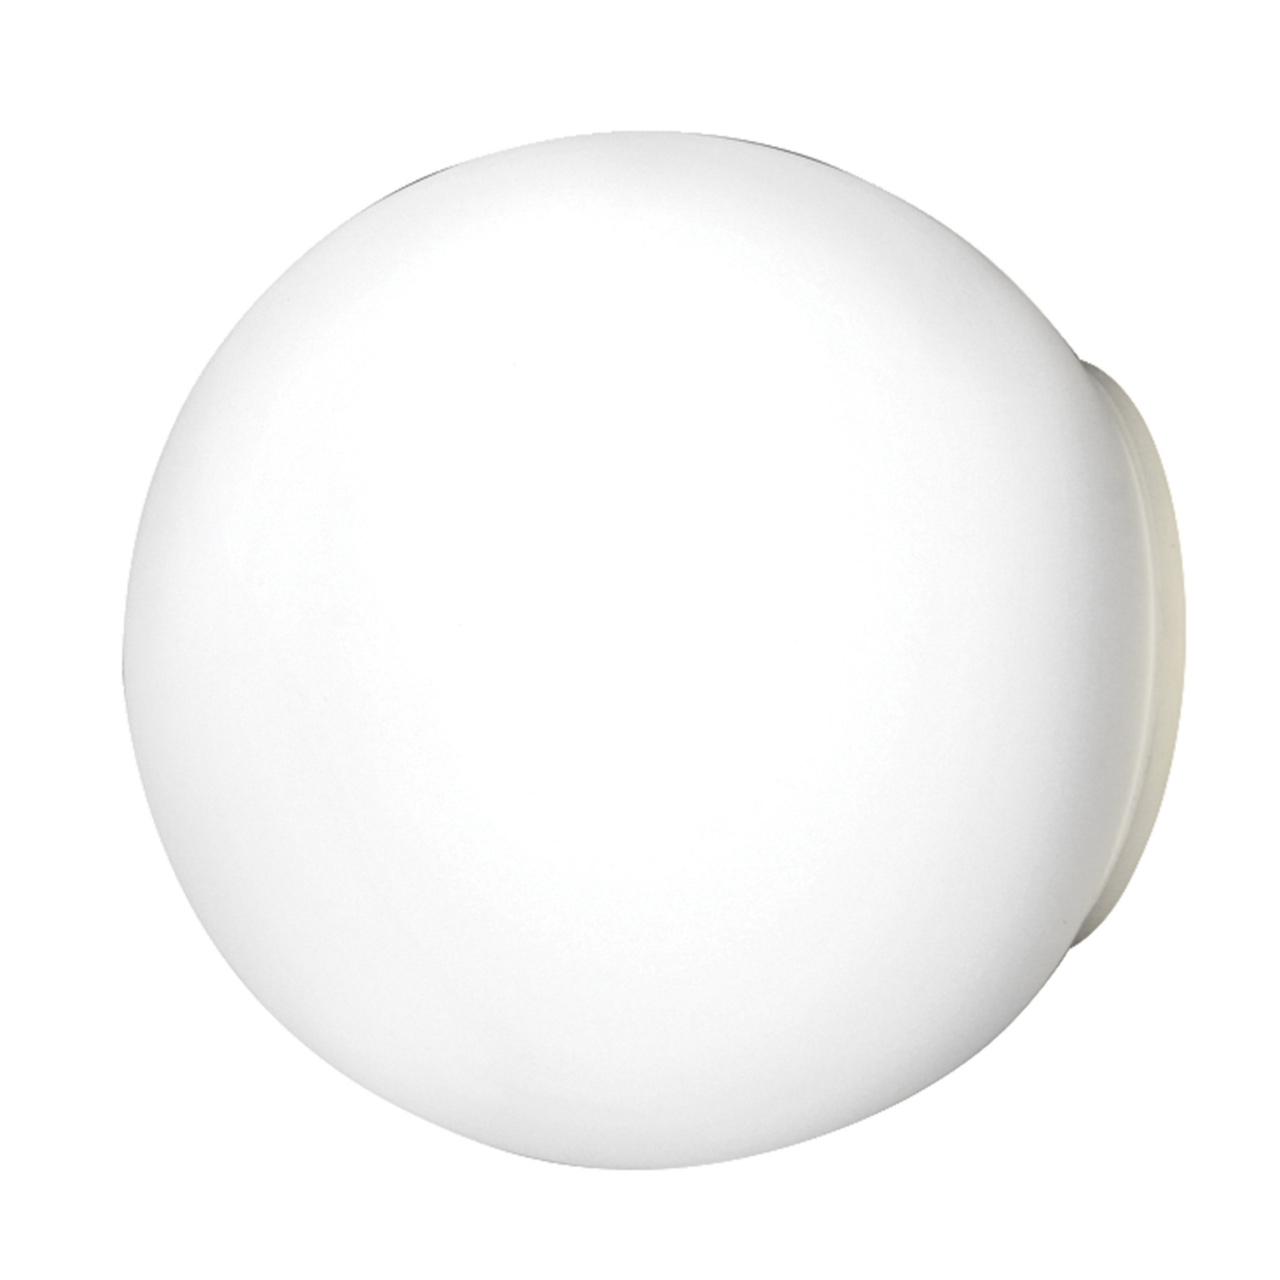 Плафон потолочный Globo 1х40W G9 белый / слоновая кость Lightstar 803010